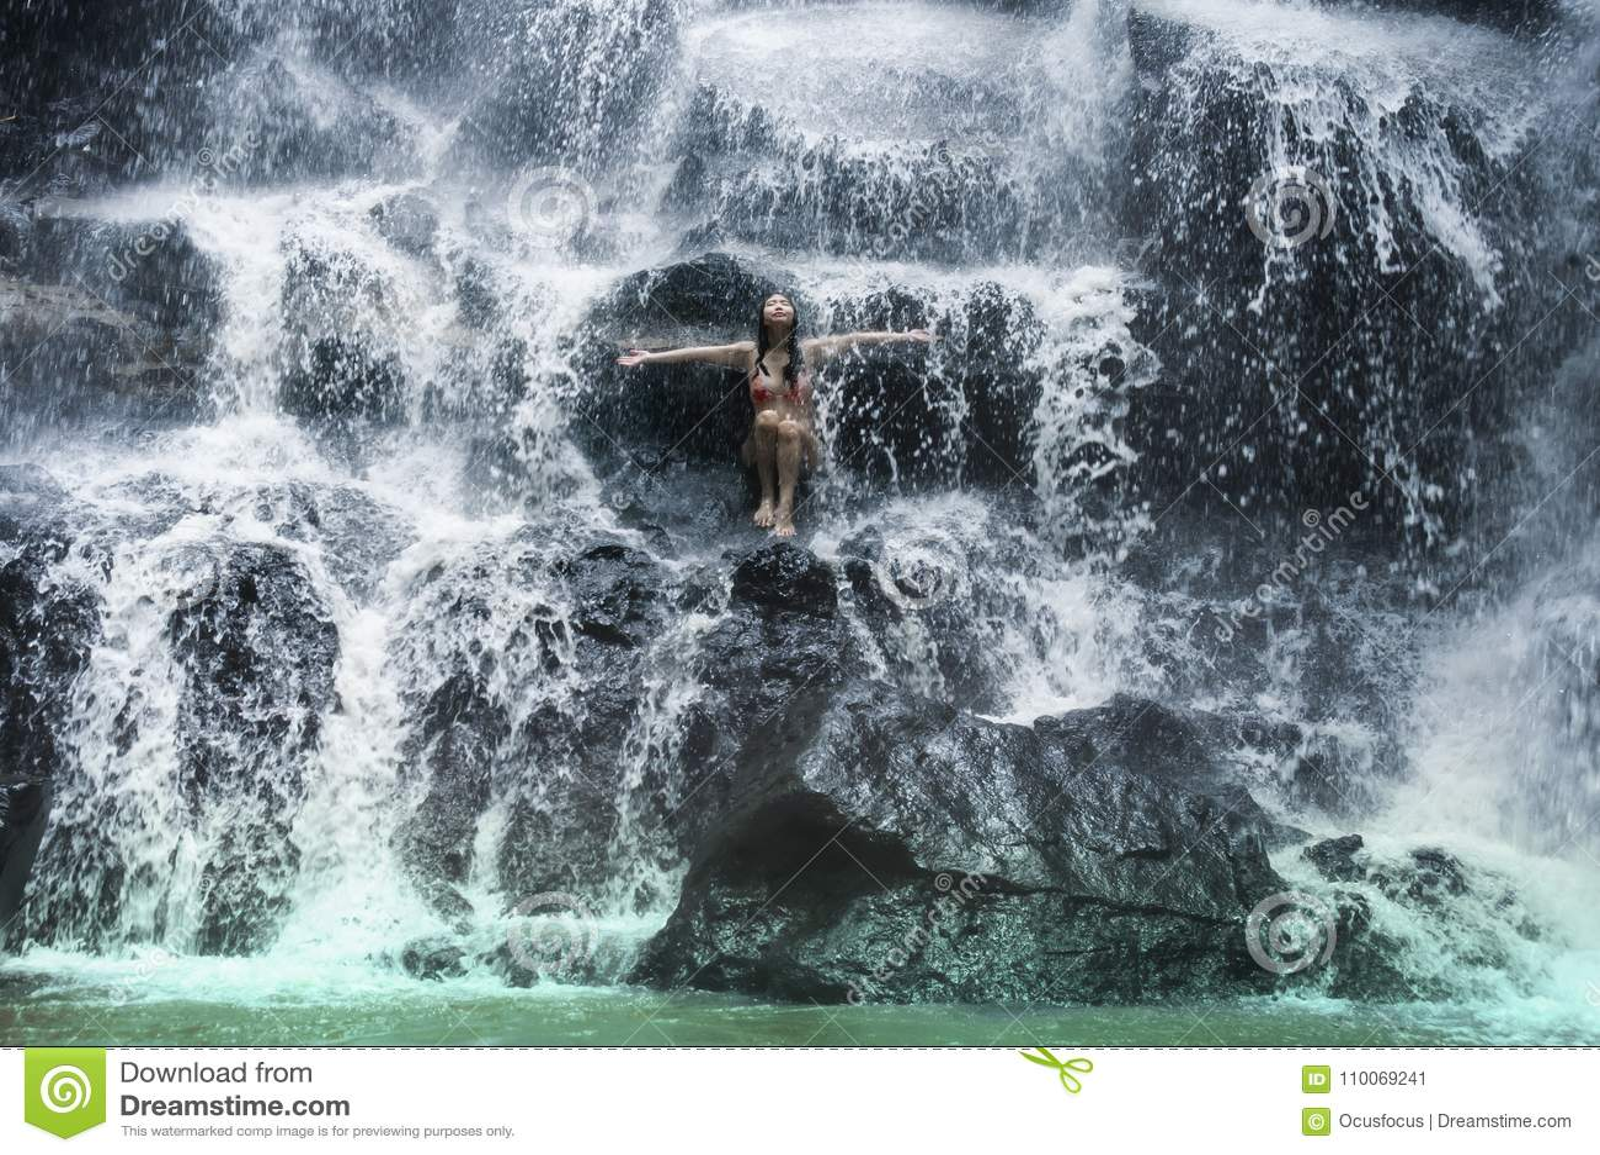 Młoda piękna i słodka Azjatycka kobieta w bikini dostaje ciału mokrego poniższego strumienia naturalny zadziwiający siklawy obsia